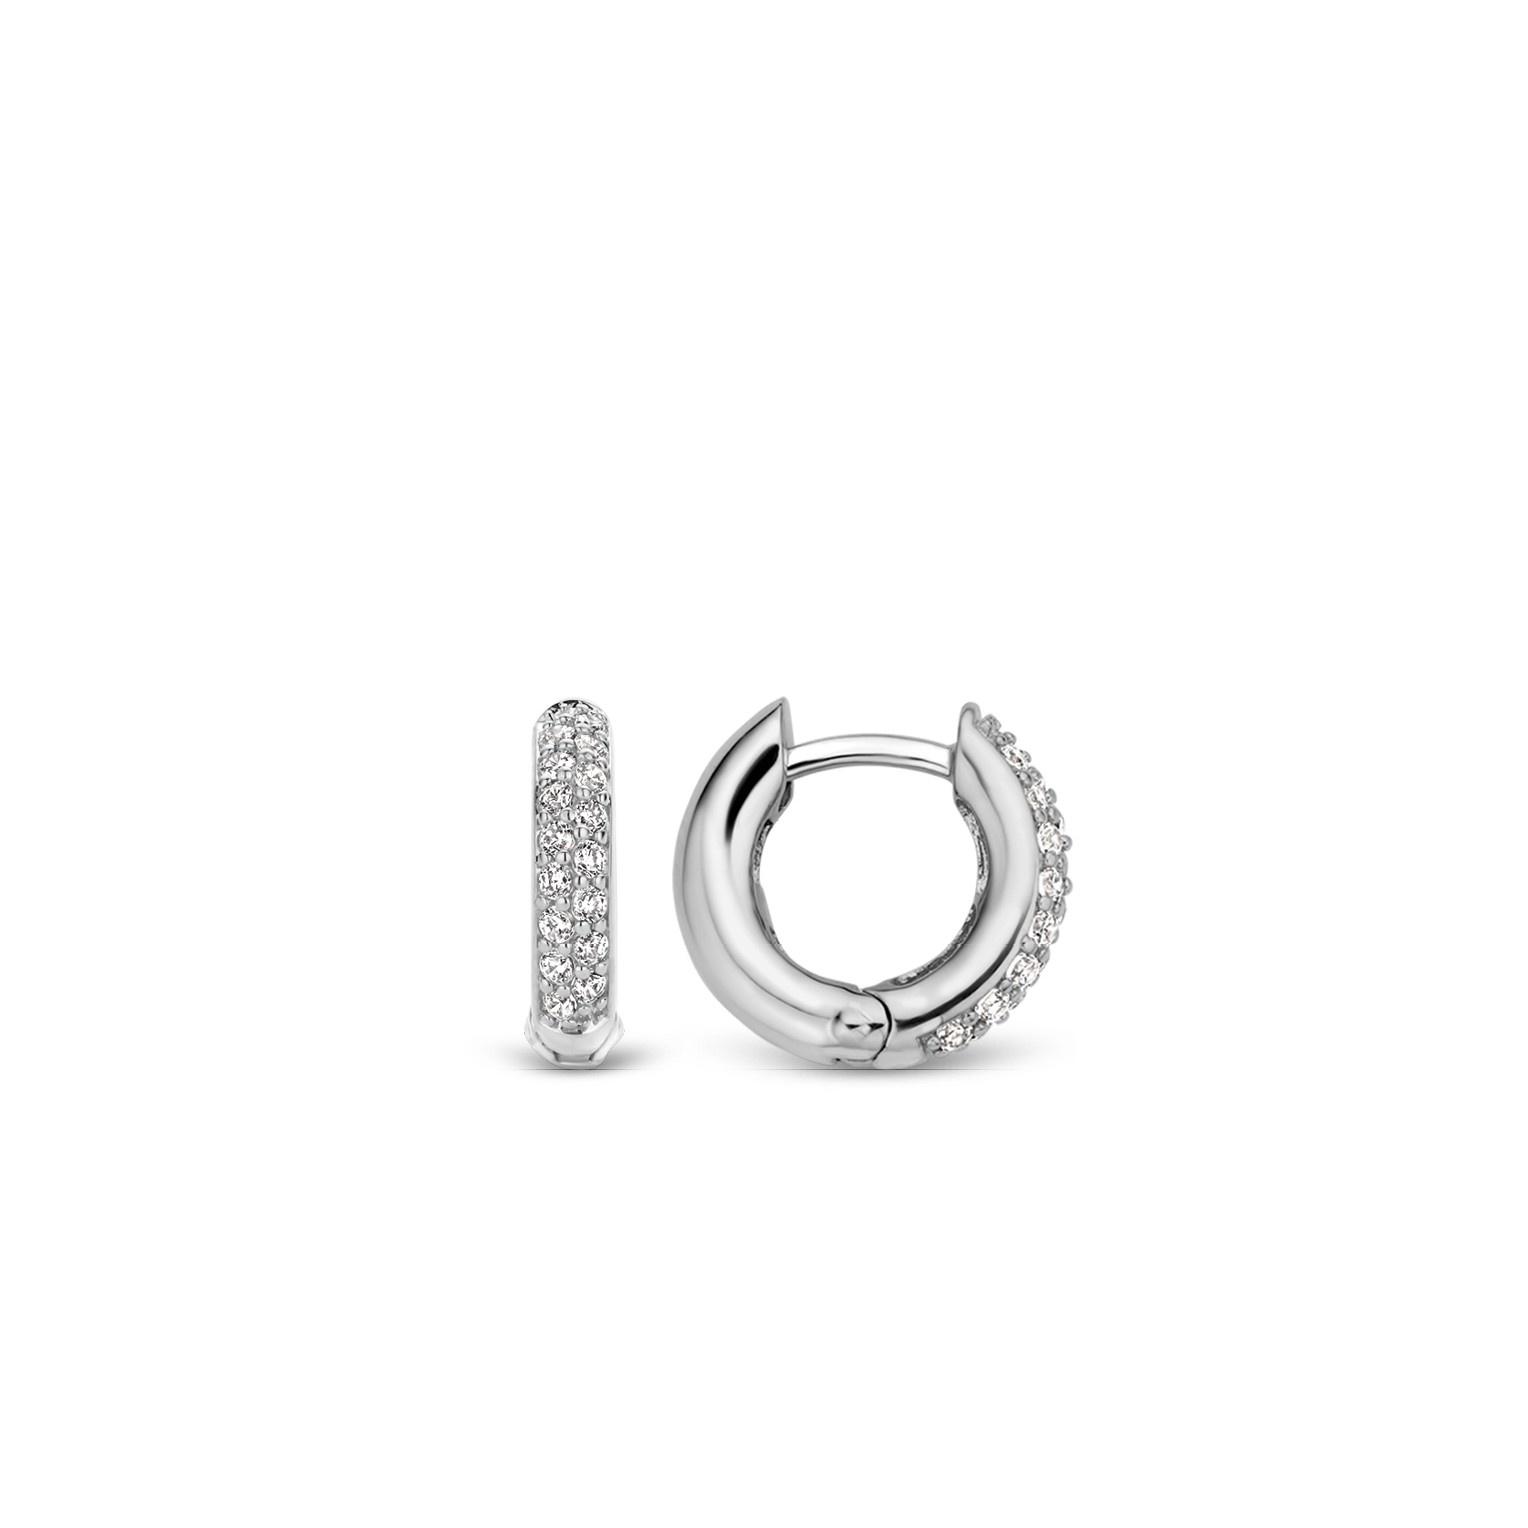 TI SENTO - Milano Earrings 7210ZI-1